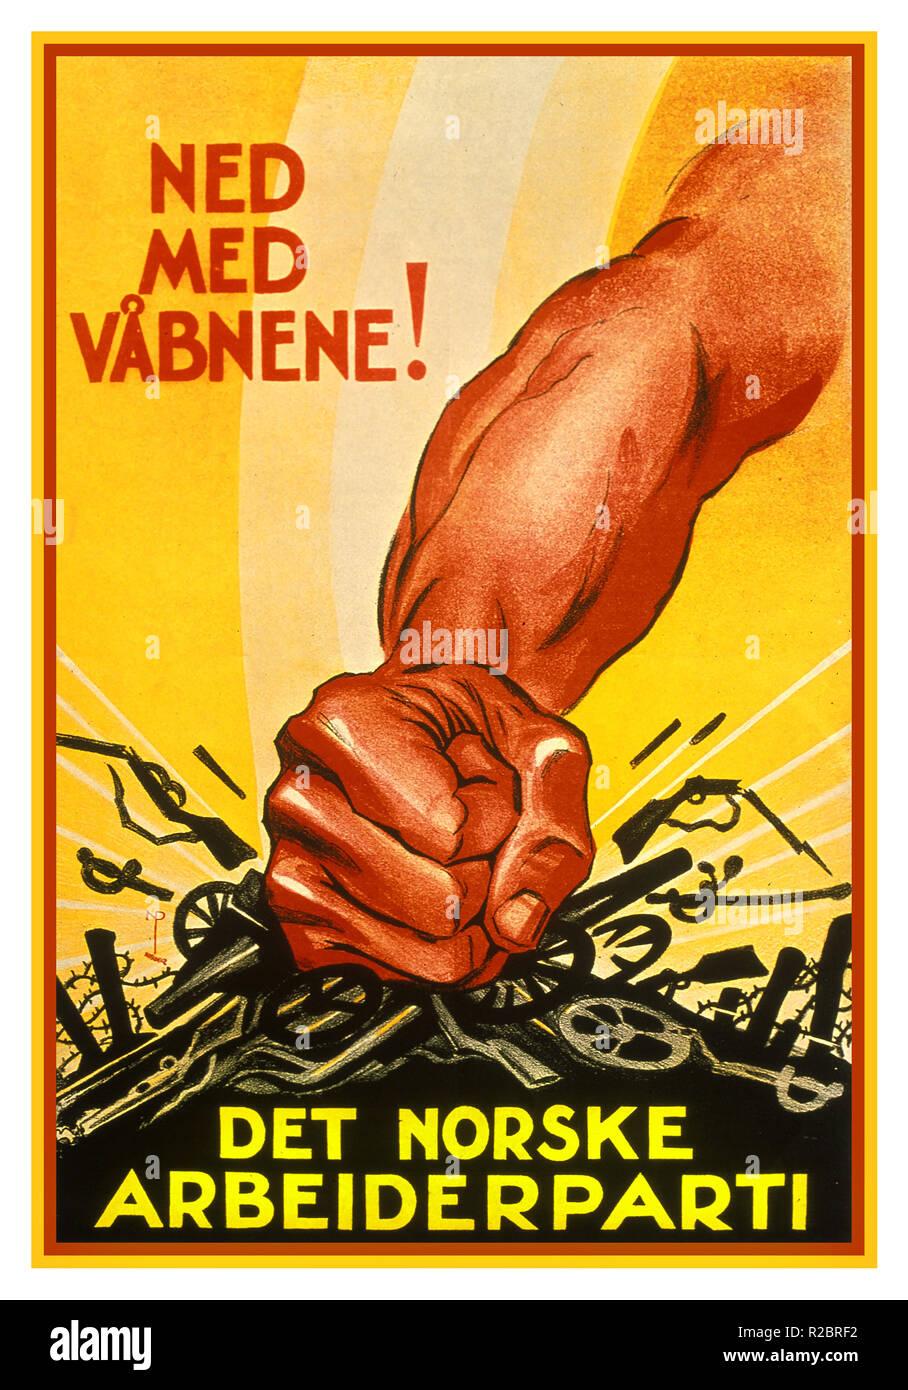 """Vintage 1930 cartel propagandístico noruego 'Down con armas"""" (NED MED VABNENE!) Det norske Arbeiderparti 'El Partido Laborista Noruego' Imagen De Stock"""